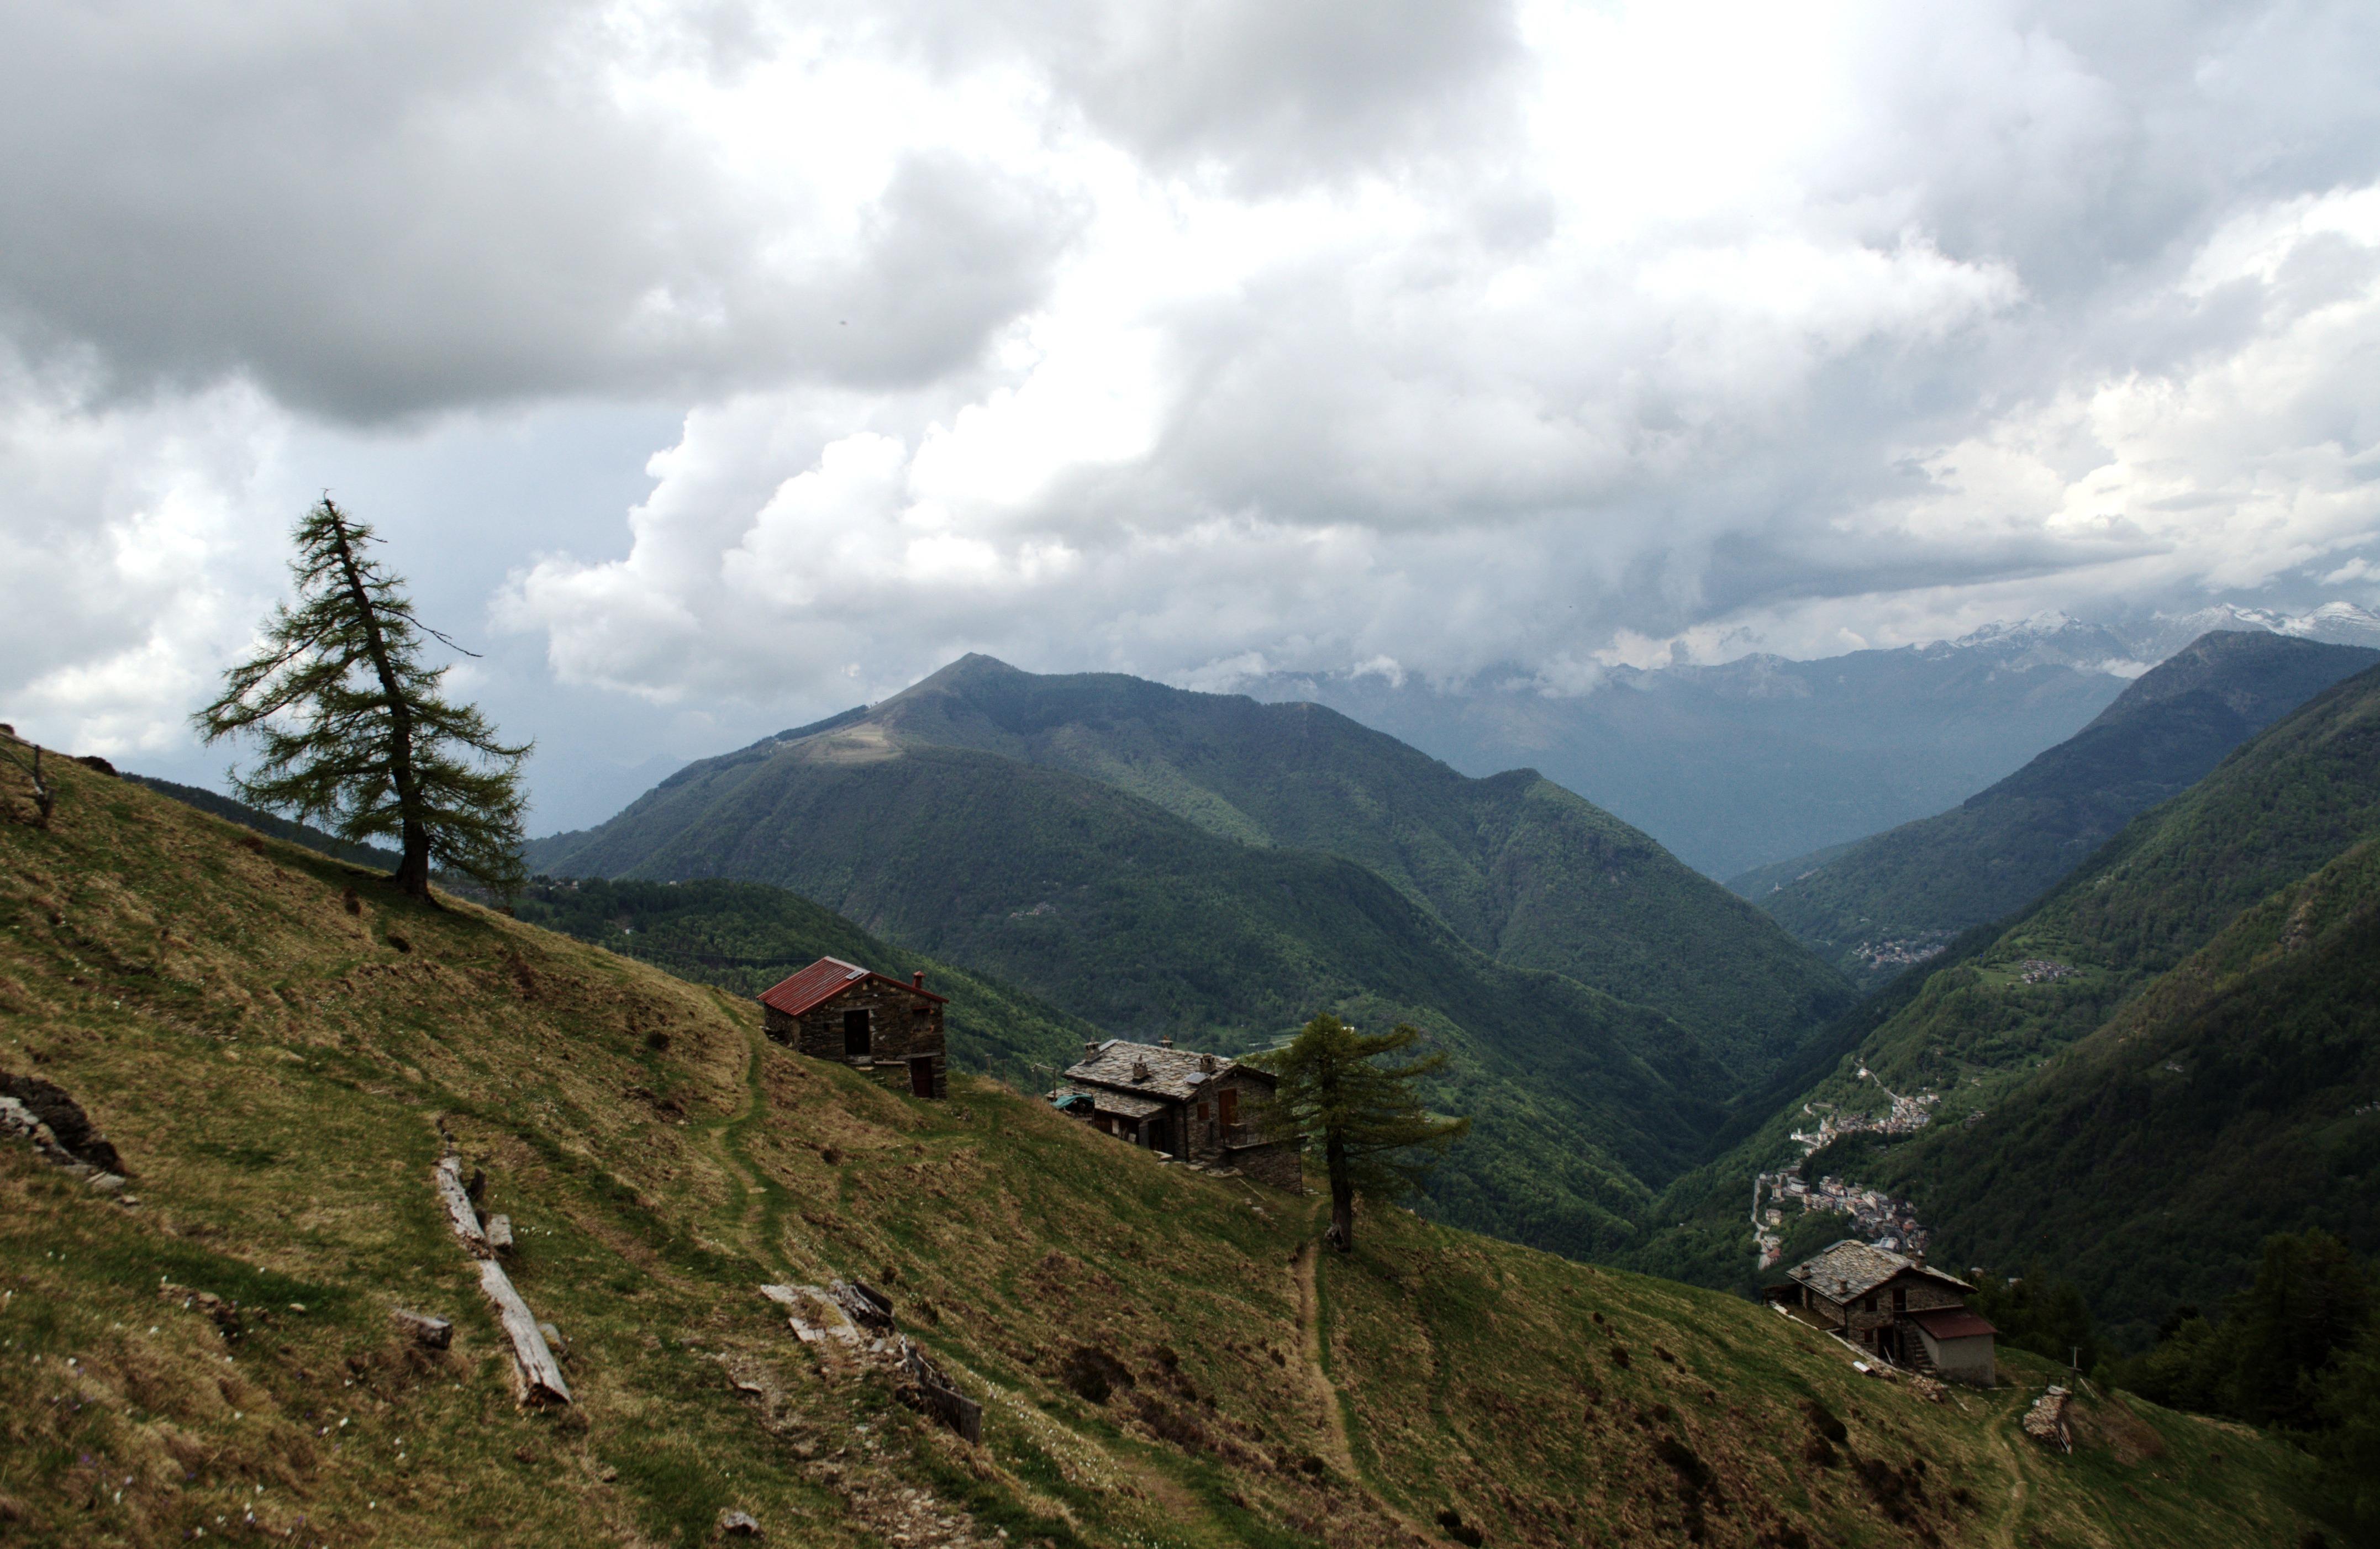 scendendo di nuovo verso l'Alpe Chiarino becchiamo le prime gocce d'acqua che presto diventeranno una pioggerellina per nulla fastidiosa